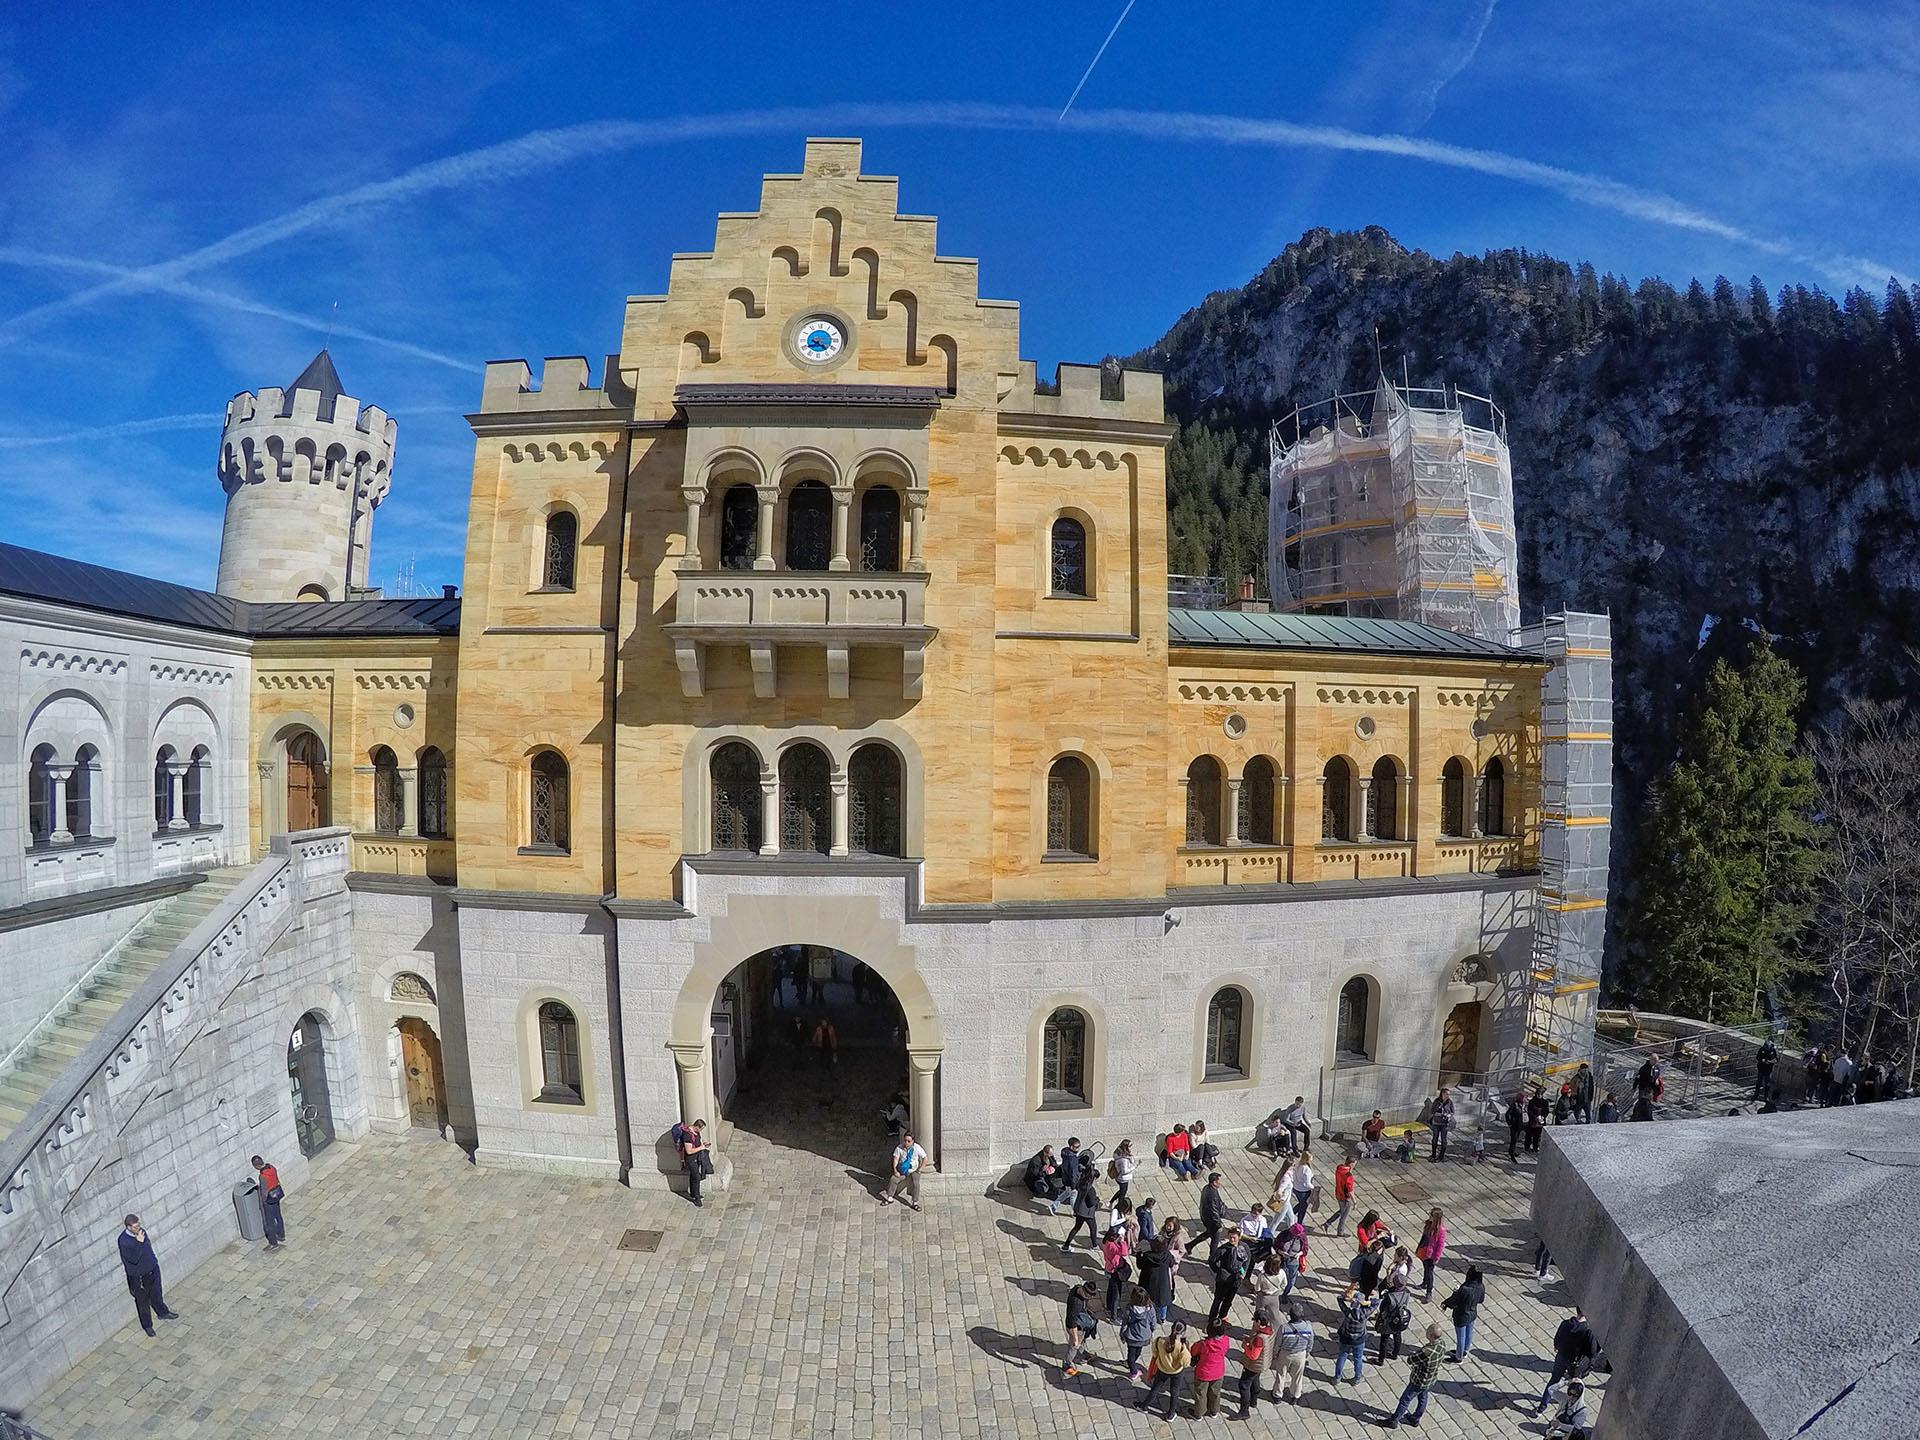 Abierto al público desde 1886, tan solo unas semanas después de la muerte del rey, el castillo recibe en la actualidad cerca de 10.000 visitantes al día en temporada alta, llegando a conseguir más de 1.4 millones de visitantes al año